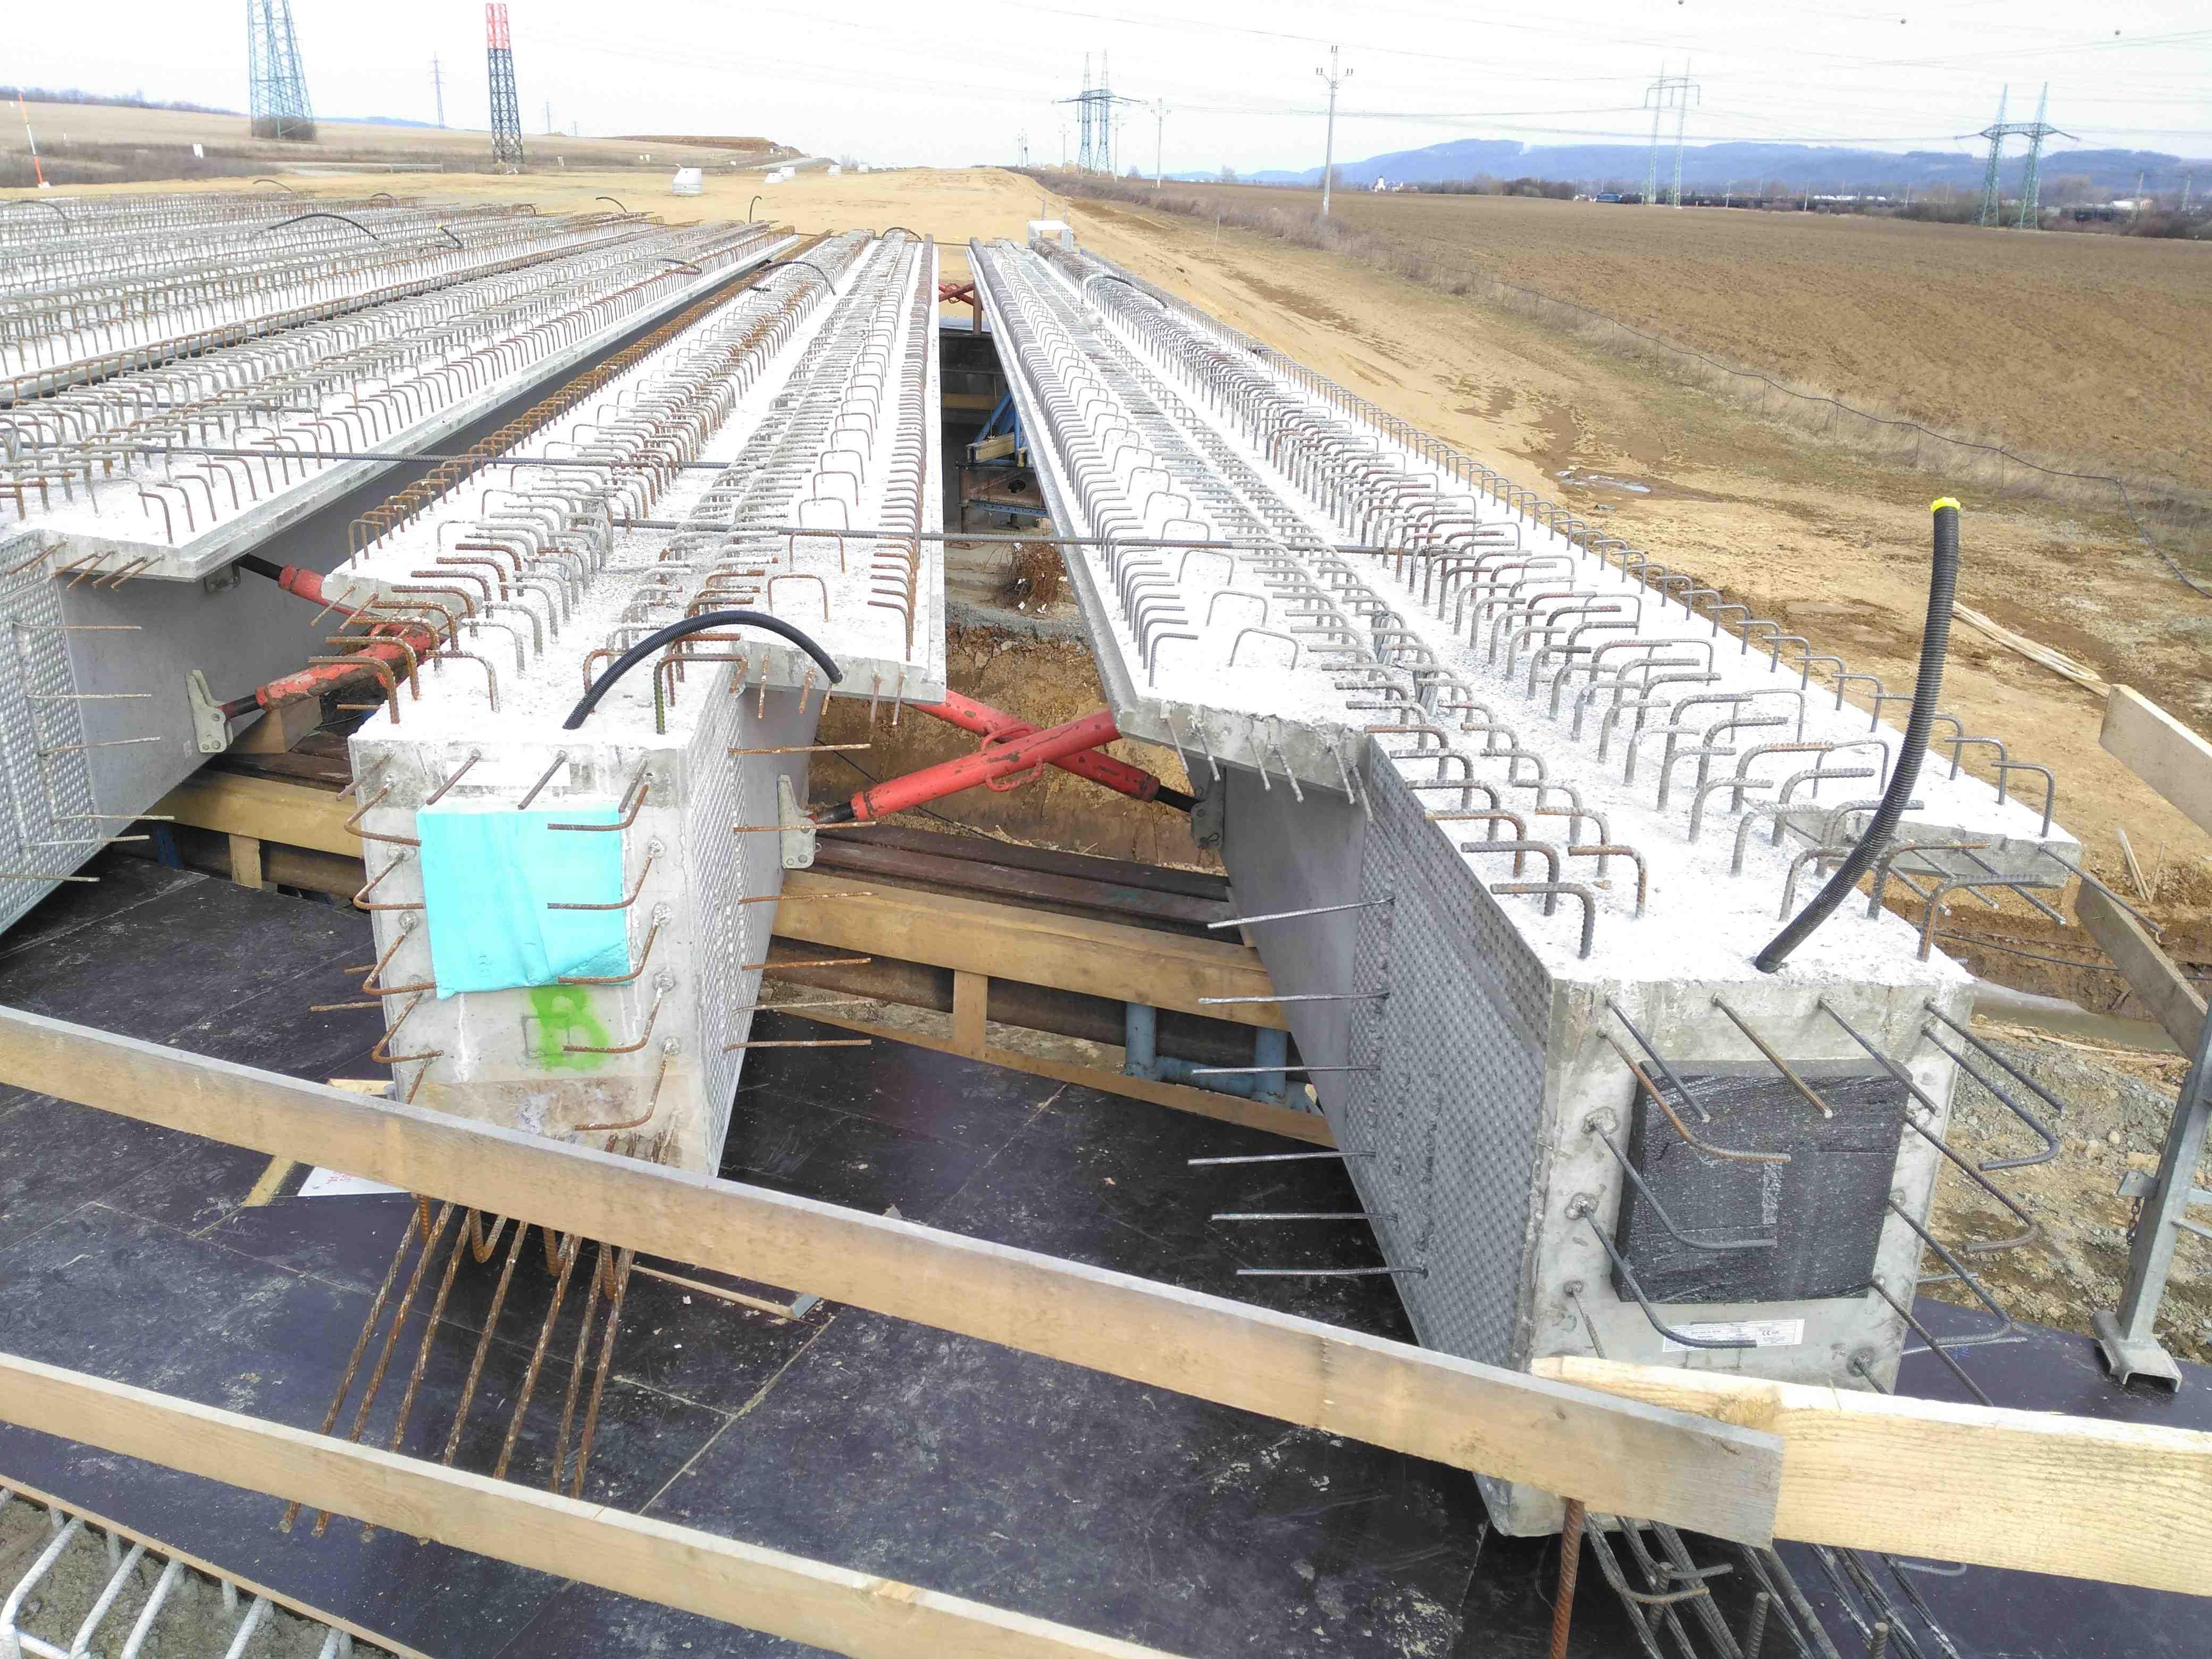 Dálnice D10137 Přerov-Lipník SO 208 Prosenice-Radvanice